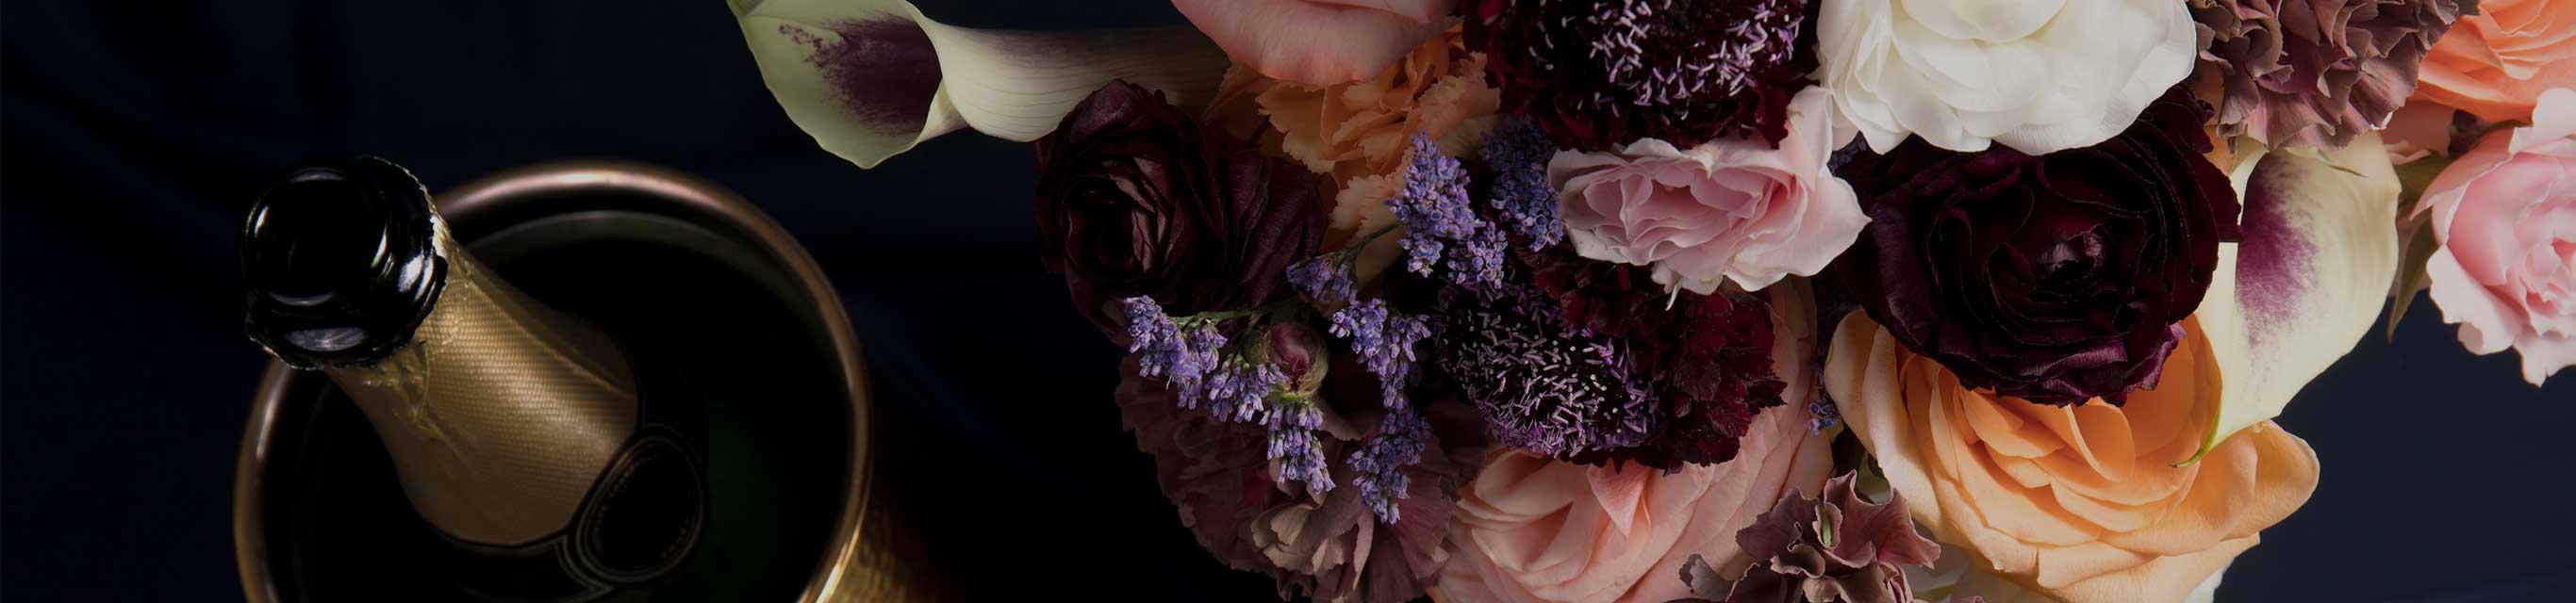 romance bouquets